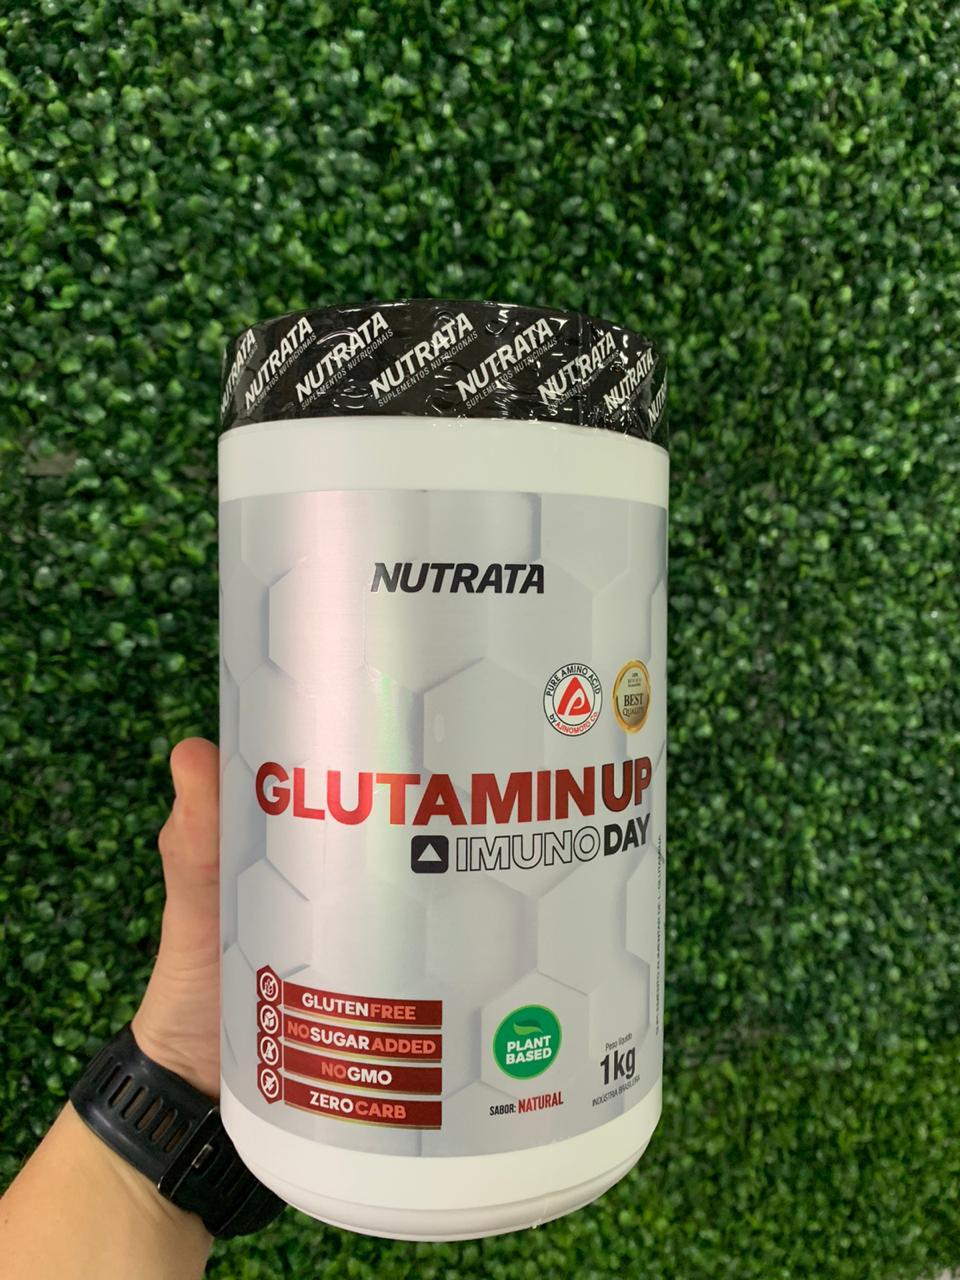 GLUTAMIINUP IMUNO DAY - 1KG - NUTRATA